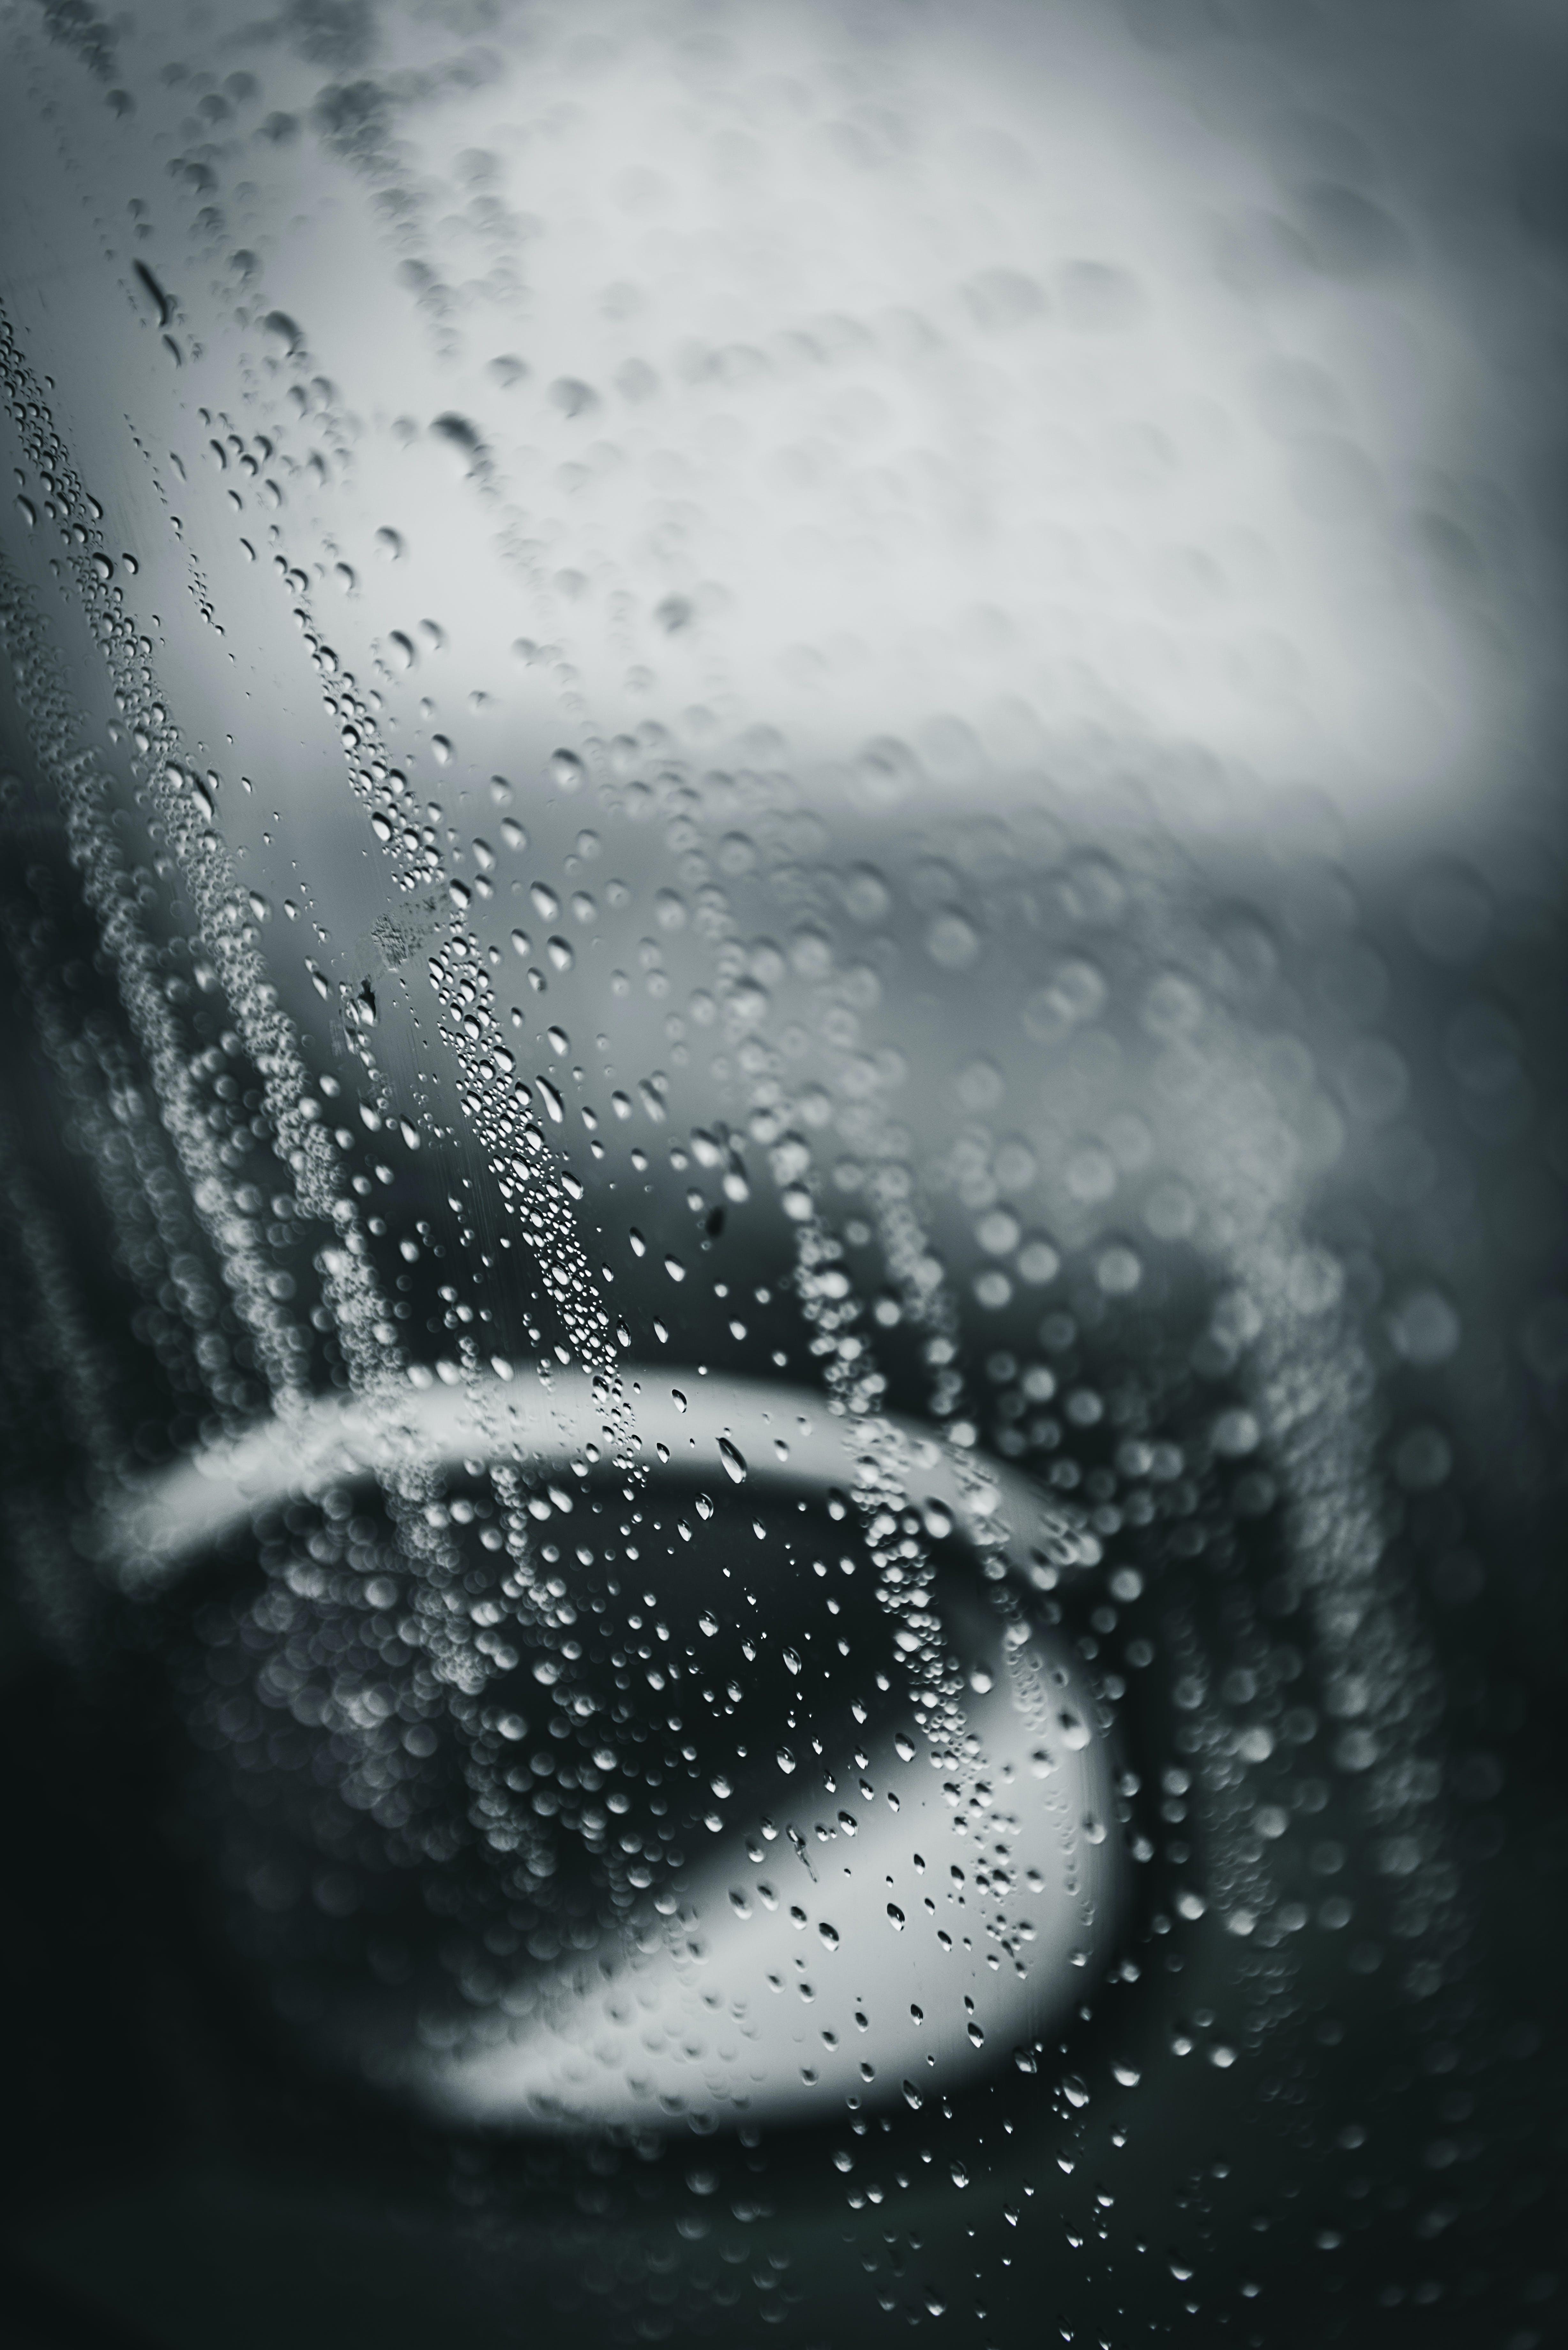 of blur, car, droplets, drops